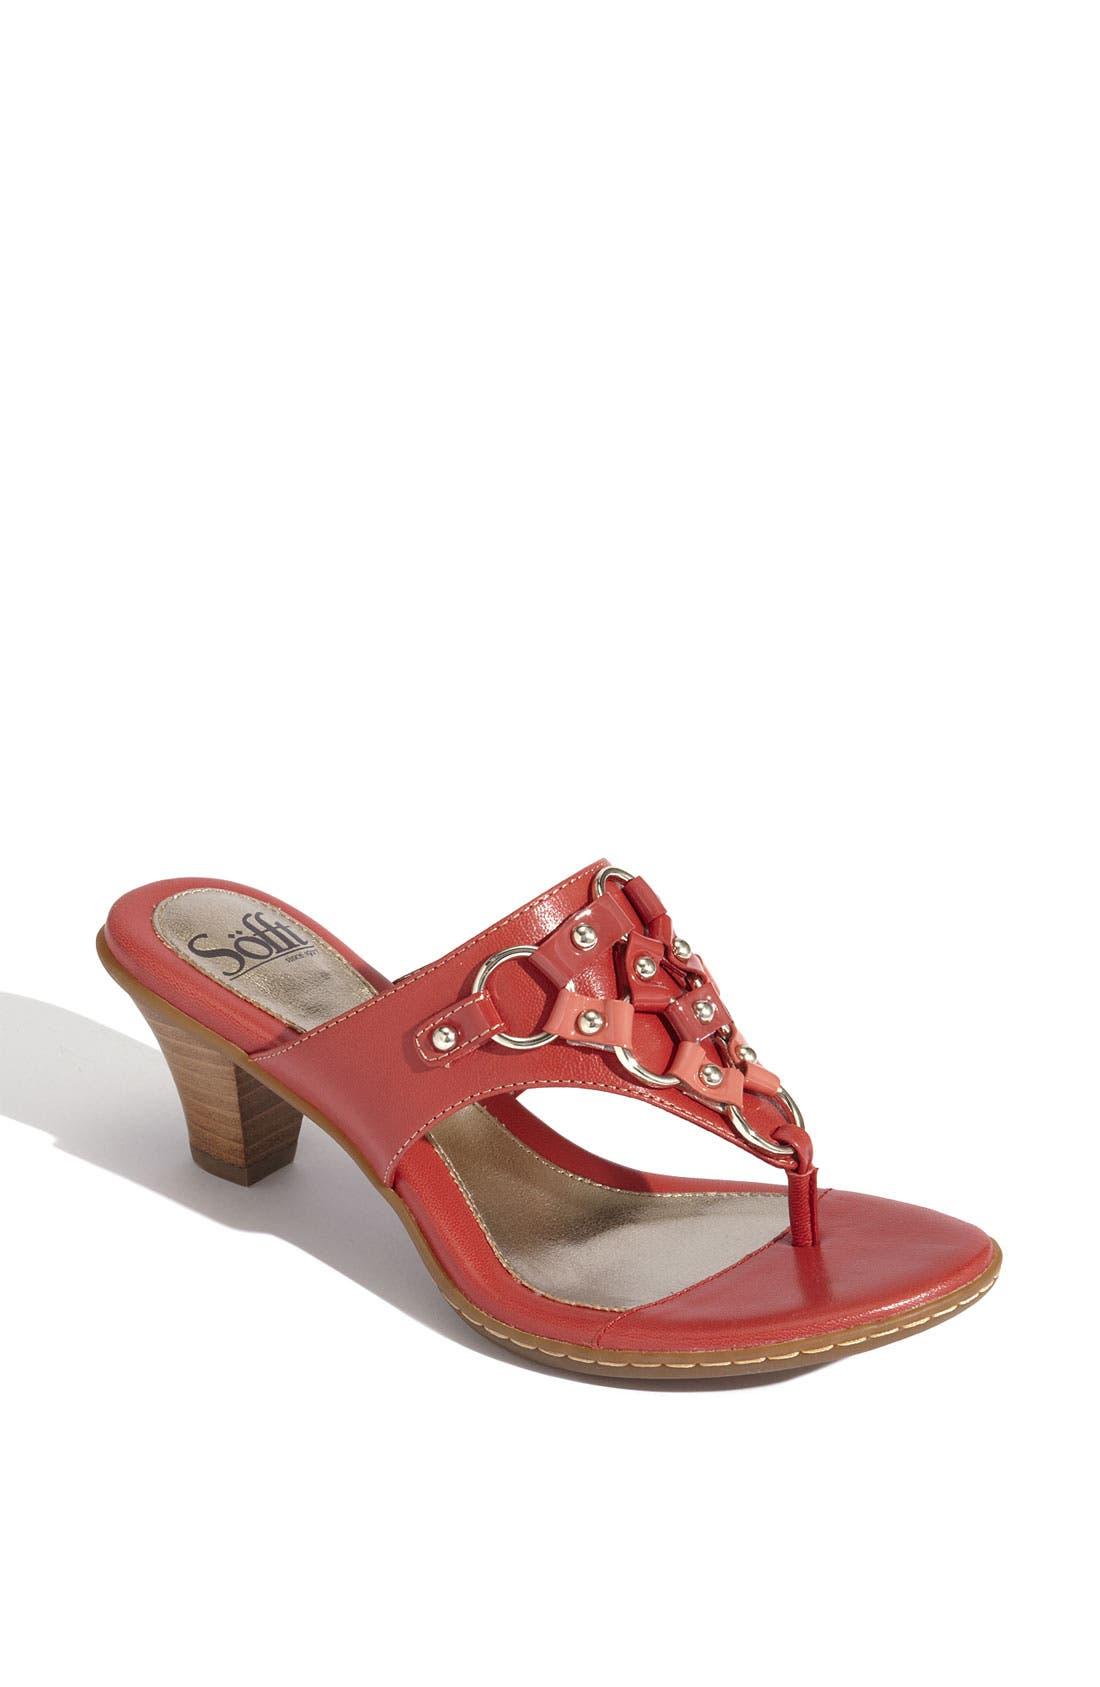 Alternate Image 1 Selected - Söfft 'Reza' Slide Sandal